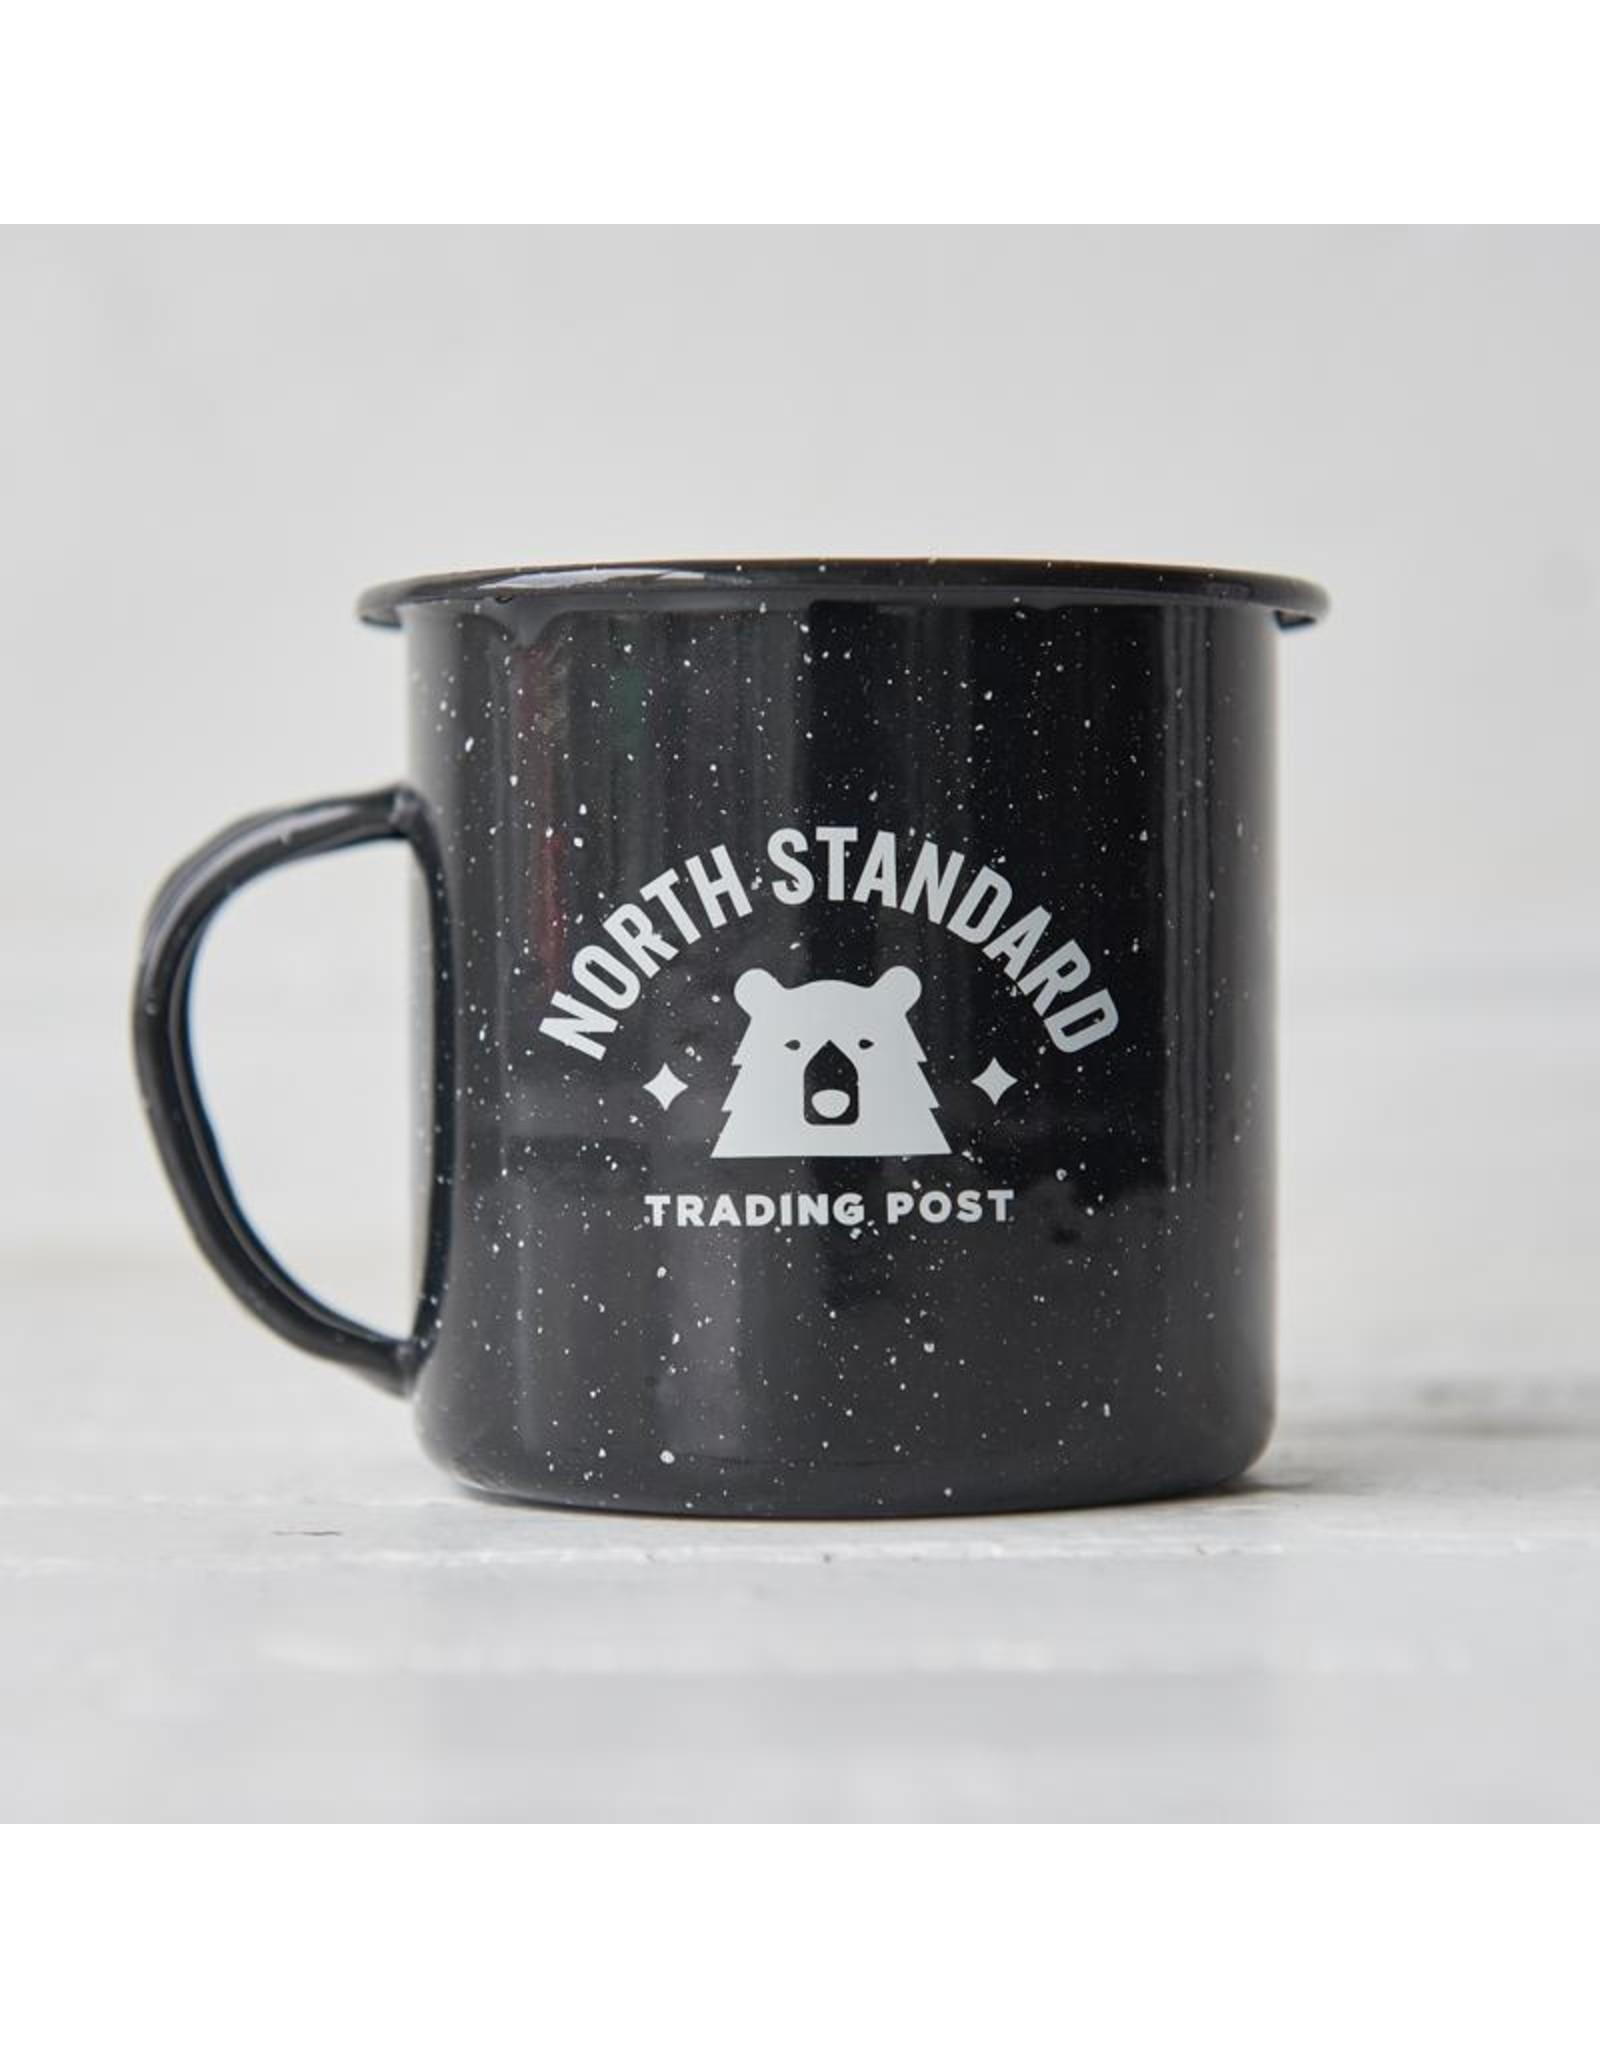 North Standard - Varsity Enamel Mug Blk